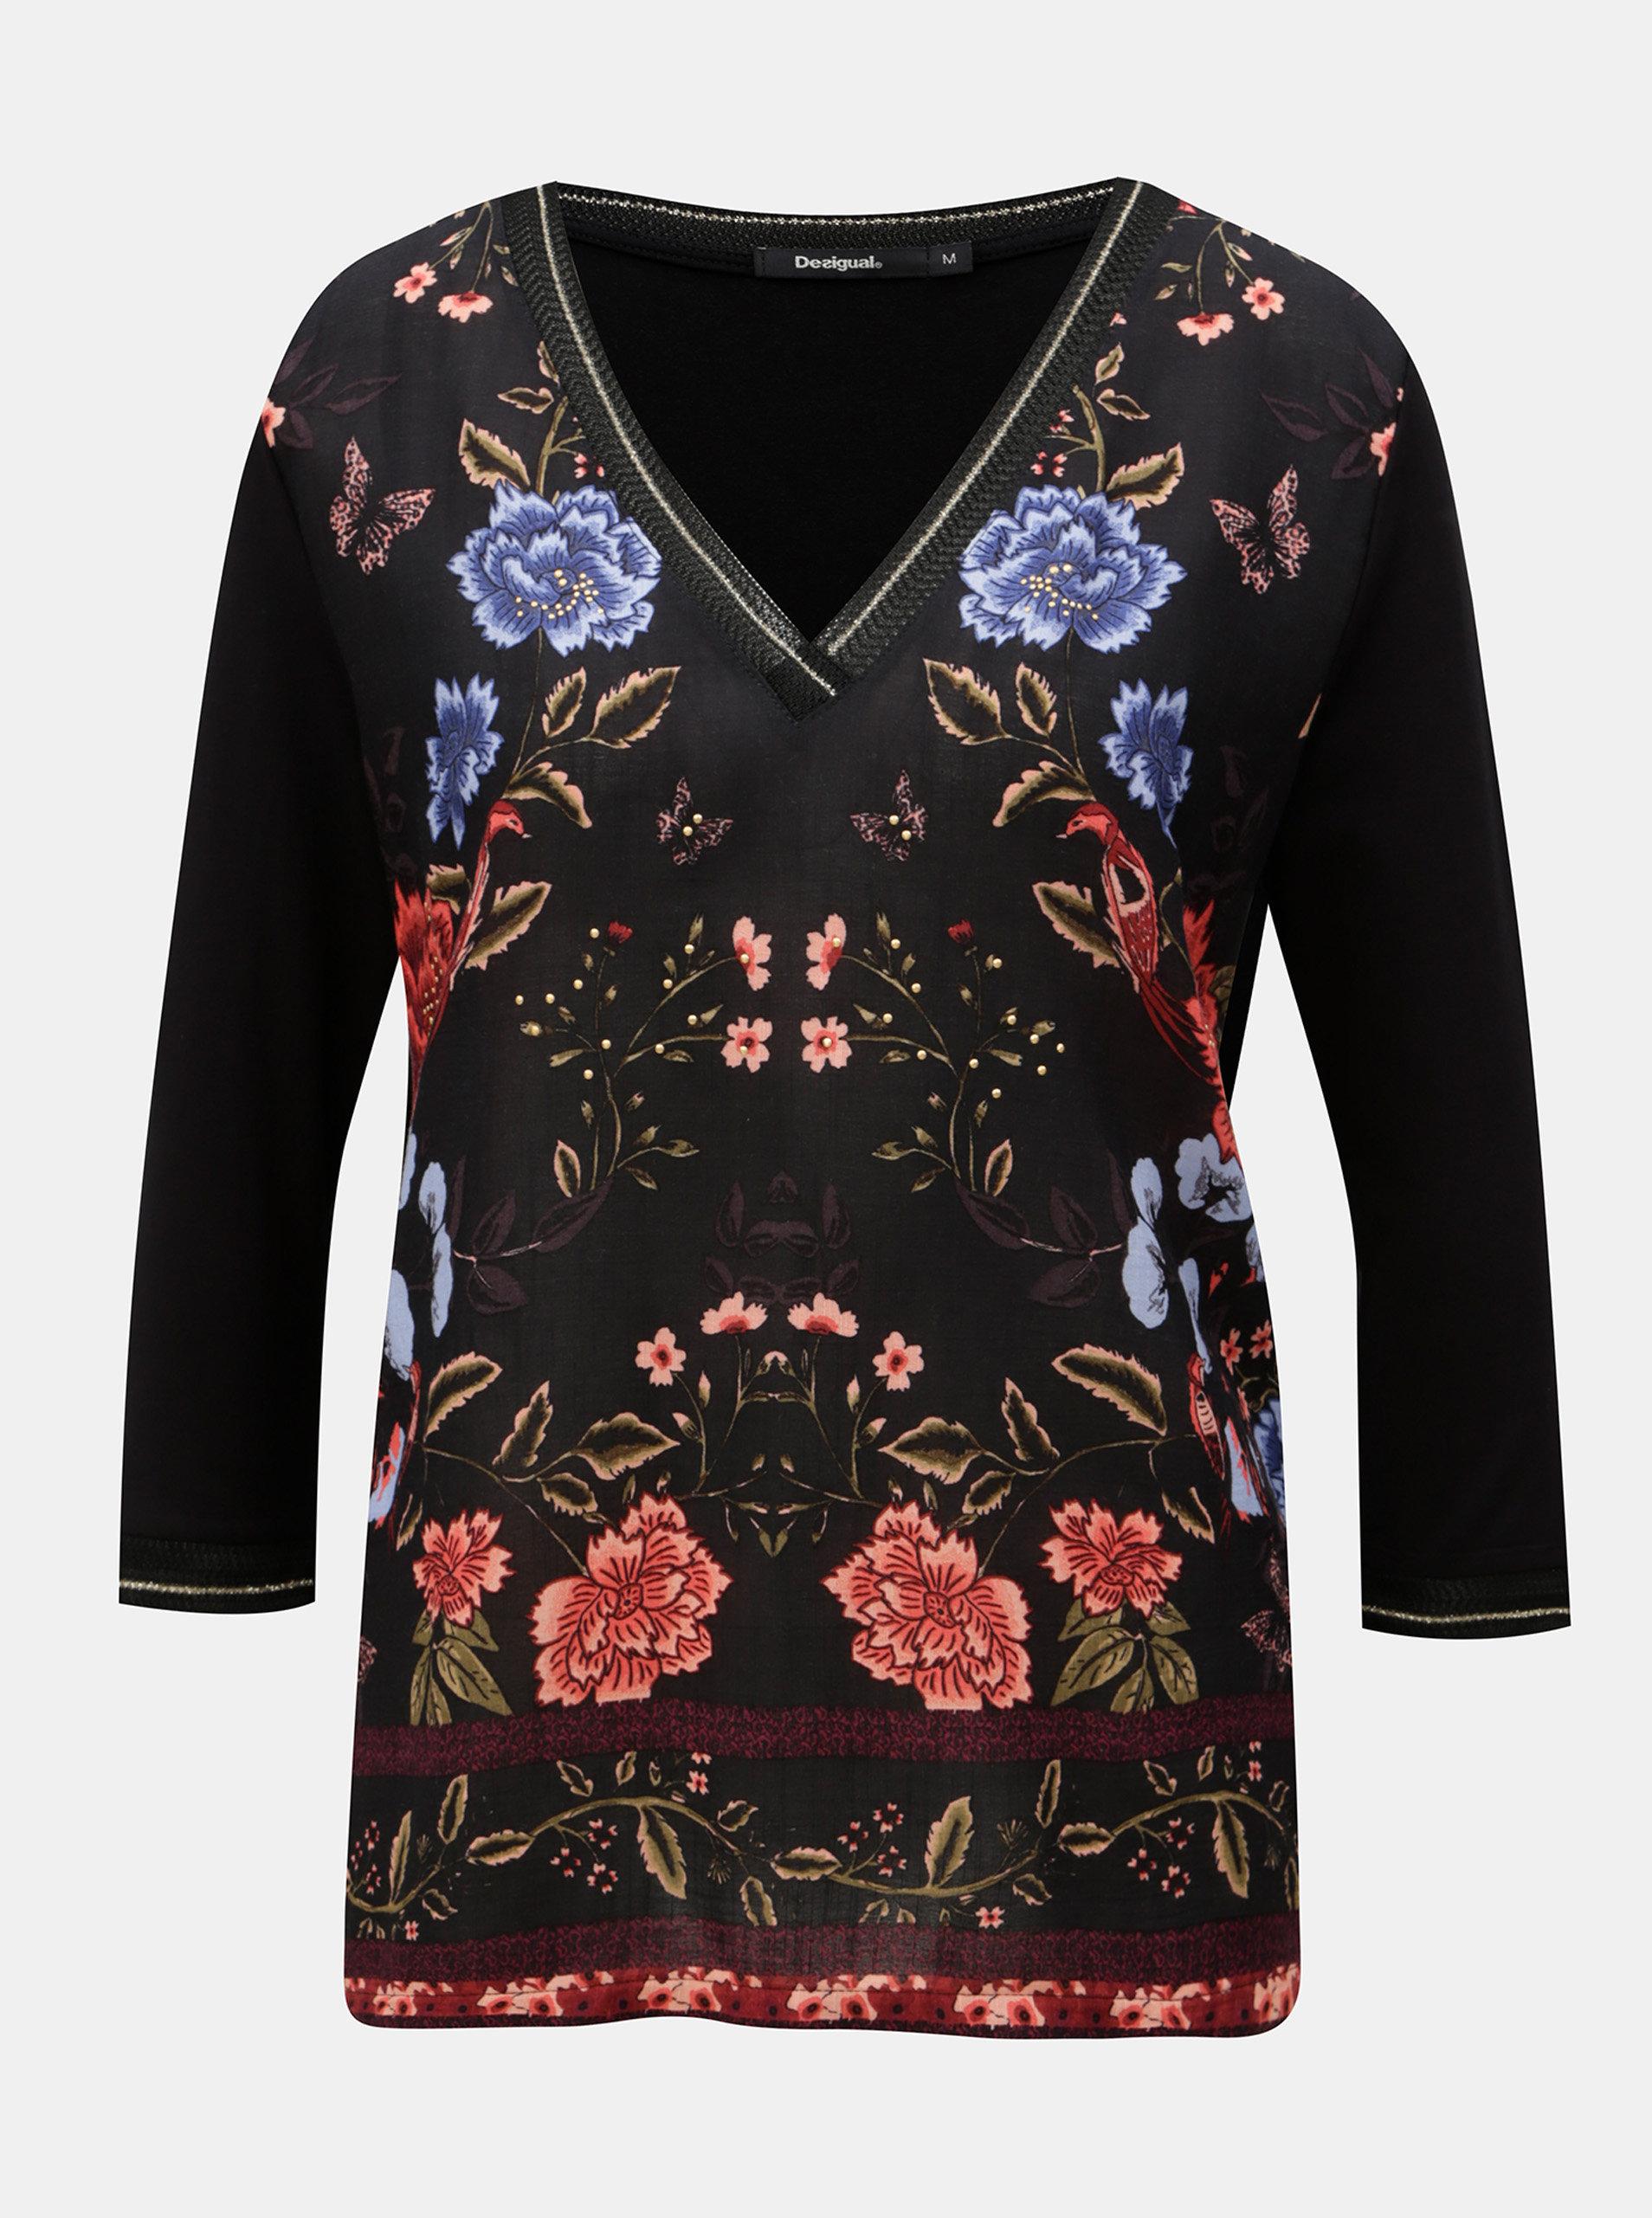 27a9ea20a Čierne kvetované tričko s 3/4 rukávom Desigual | ZOOT.sk